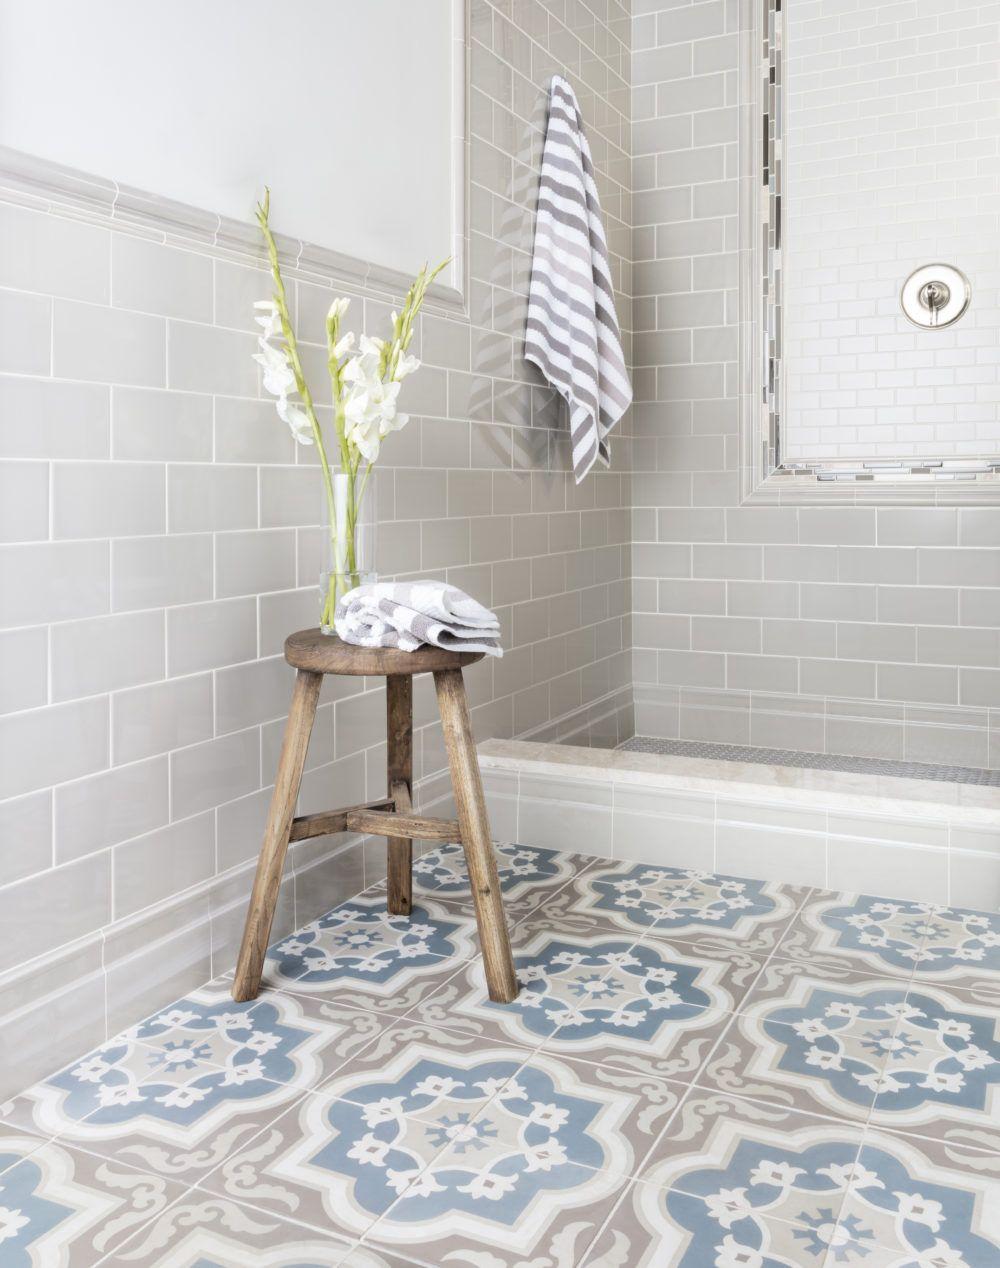 How To Achieve Modern Farmhouse Design With Tile The Tile Shop Blog Modern Farmhouse Bathroom Farmhouse Bathroom Decor Modern Farmhouse Bathroom Decor